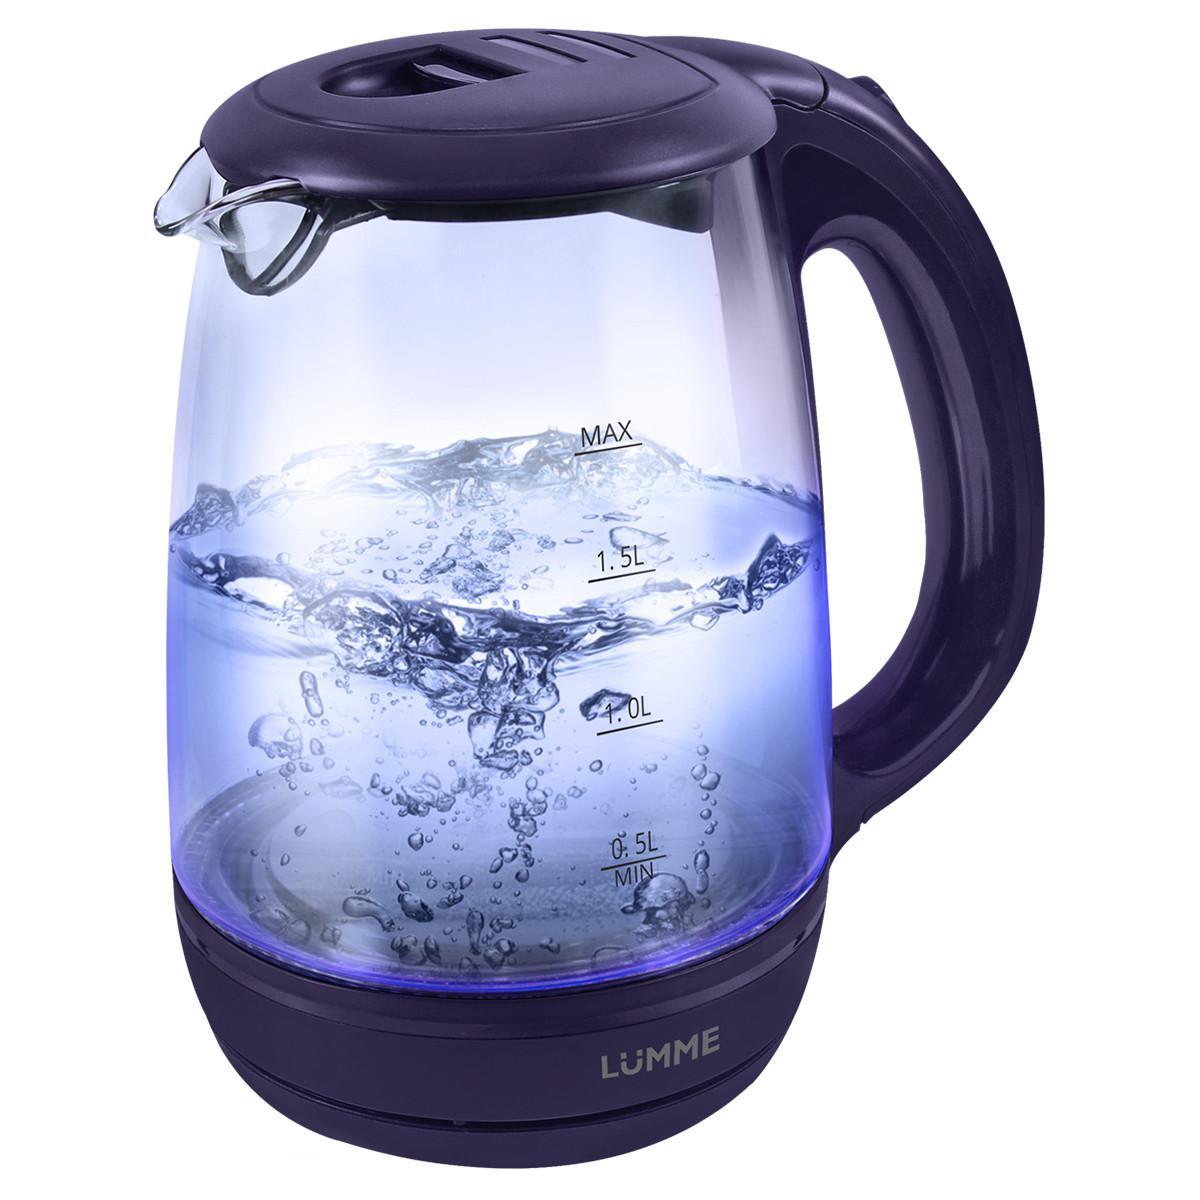 Чайник Lumme Lu-134 темный топаз чайник lumme lu 134 2200 вт черный жемчуг 2 л стекло